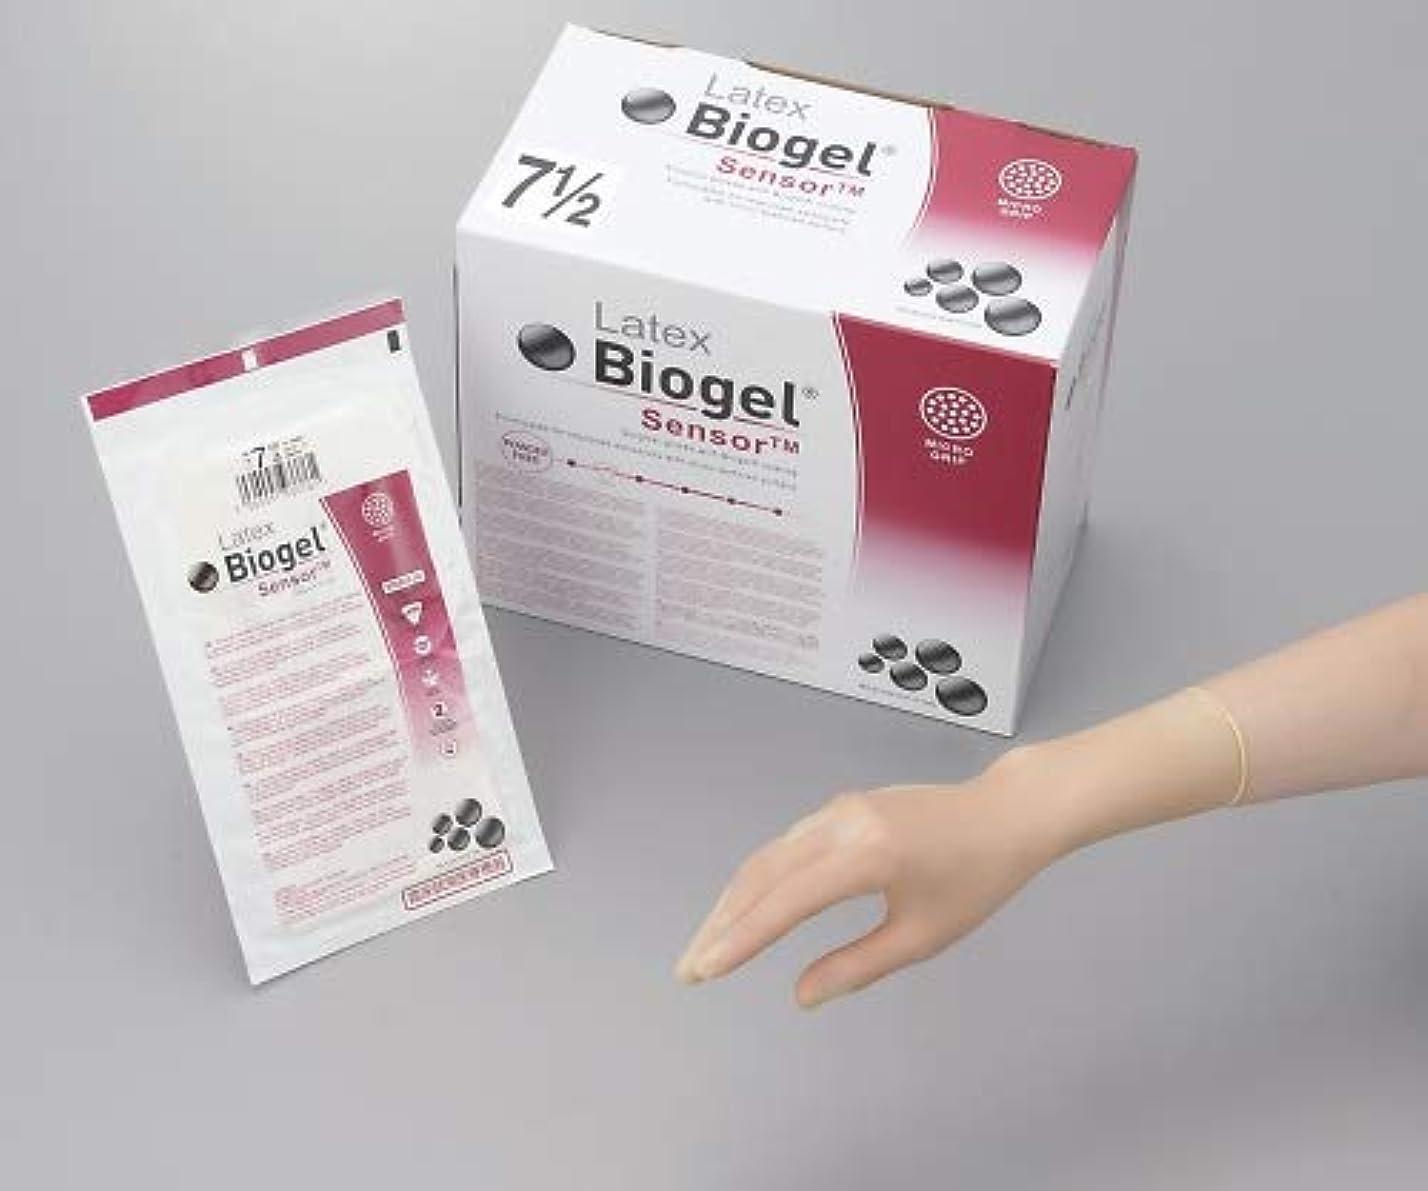 傑出した輸血頭痛メンリッケ バイオジェル R センサー 7号 1箱 50双入 30670